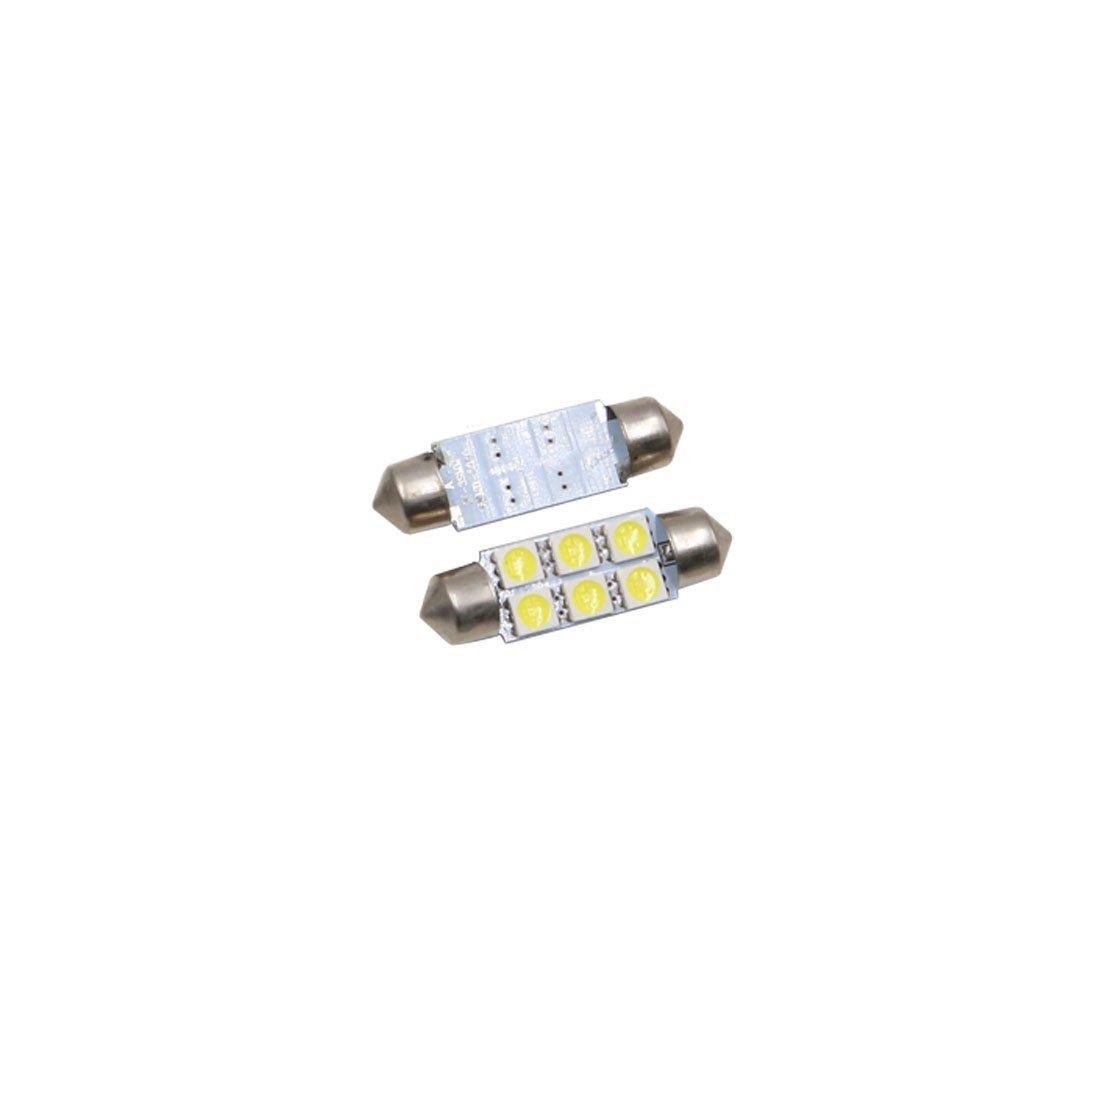 Amazon.com: DealMux 6 Pcs 41 milímetros LED branco 6 5050 SMD Festoon Dome Light Mapa da leitura para Interior de carro: Automotive